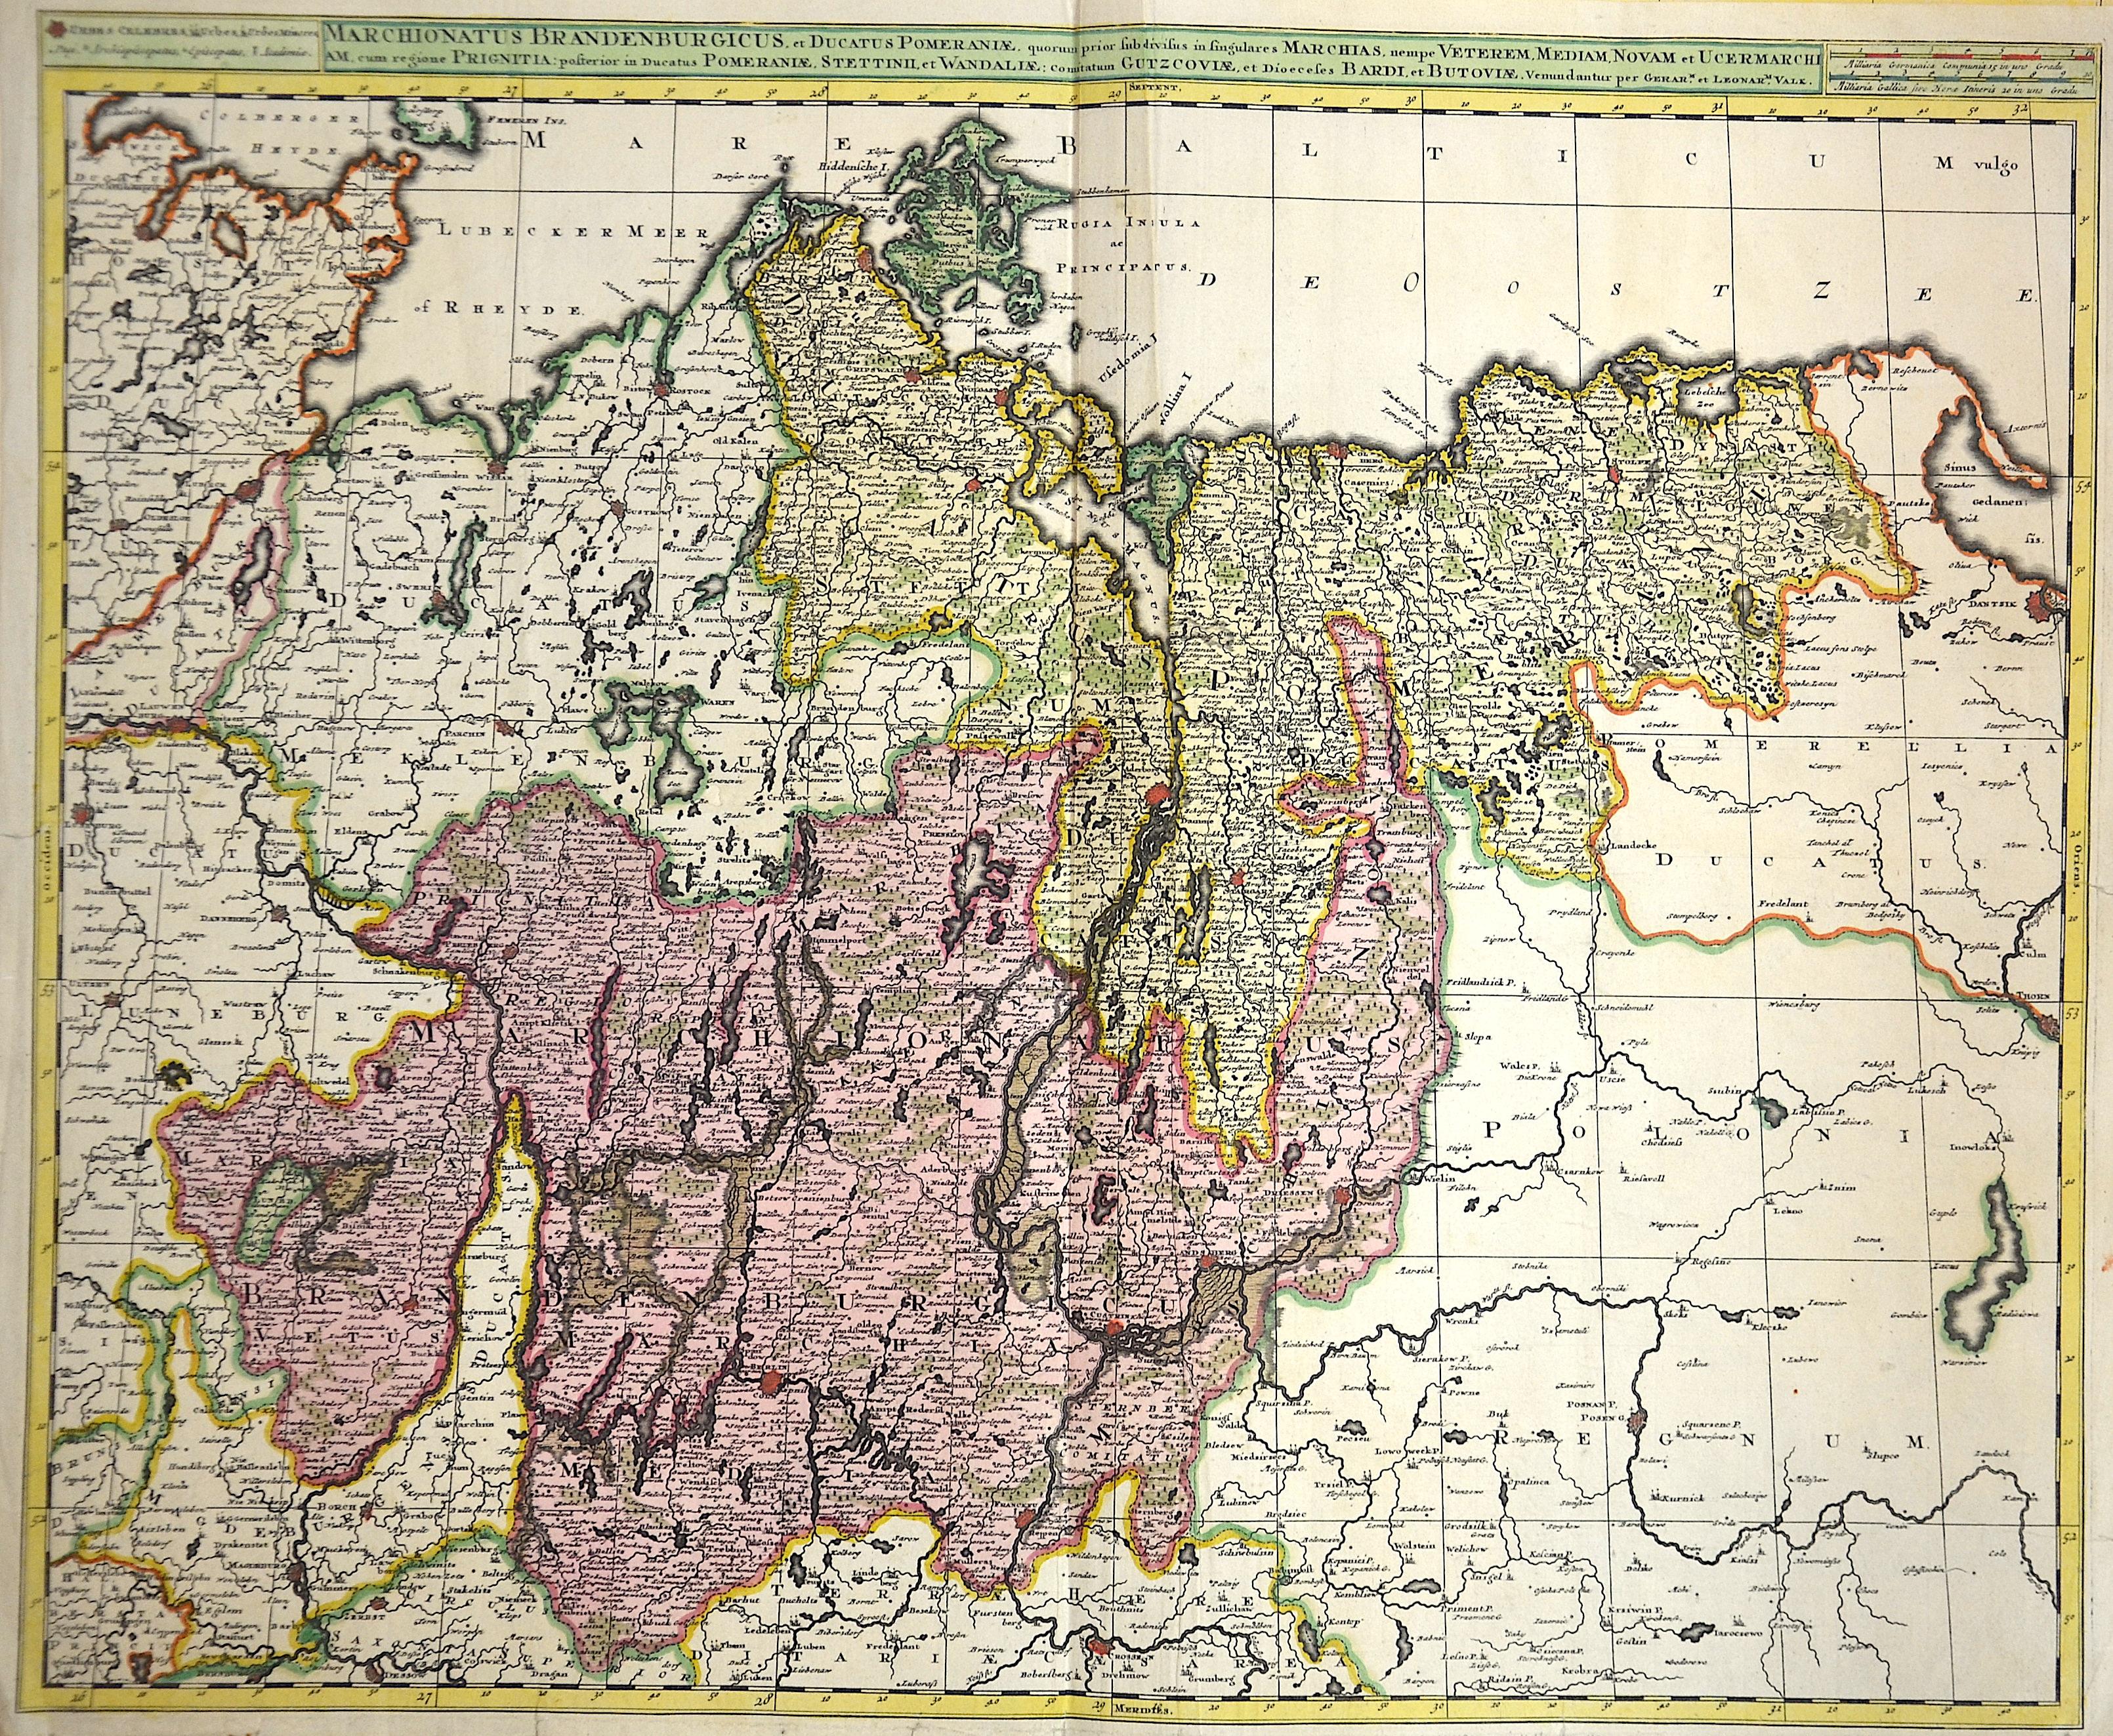 Valk Gerard Marchionatus Brandenburgicus et ducatus Pomeraniae